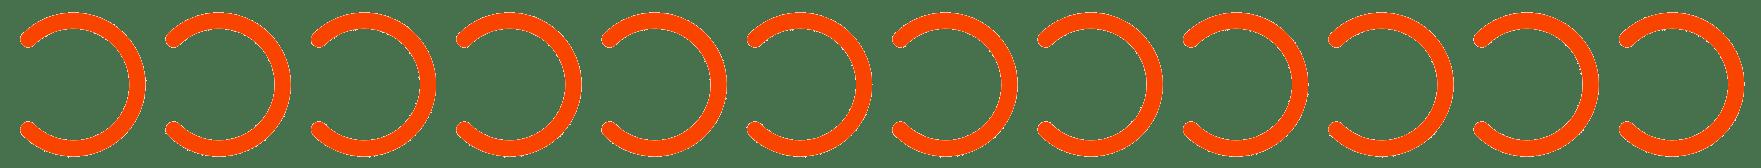 bike-icon-largo